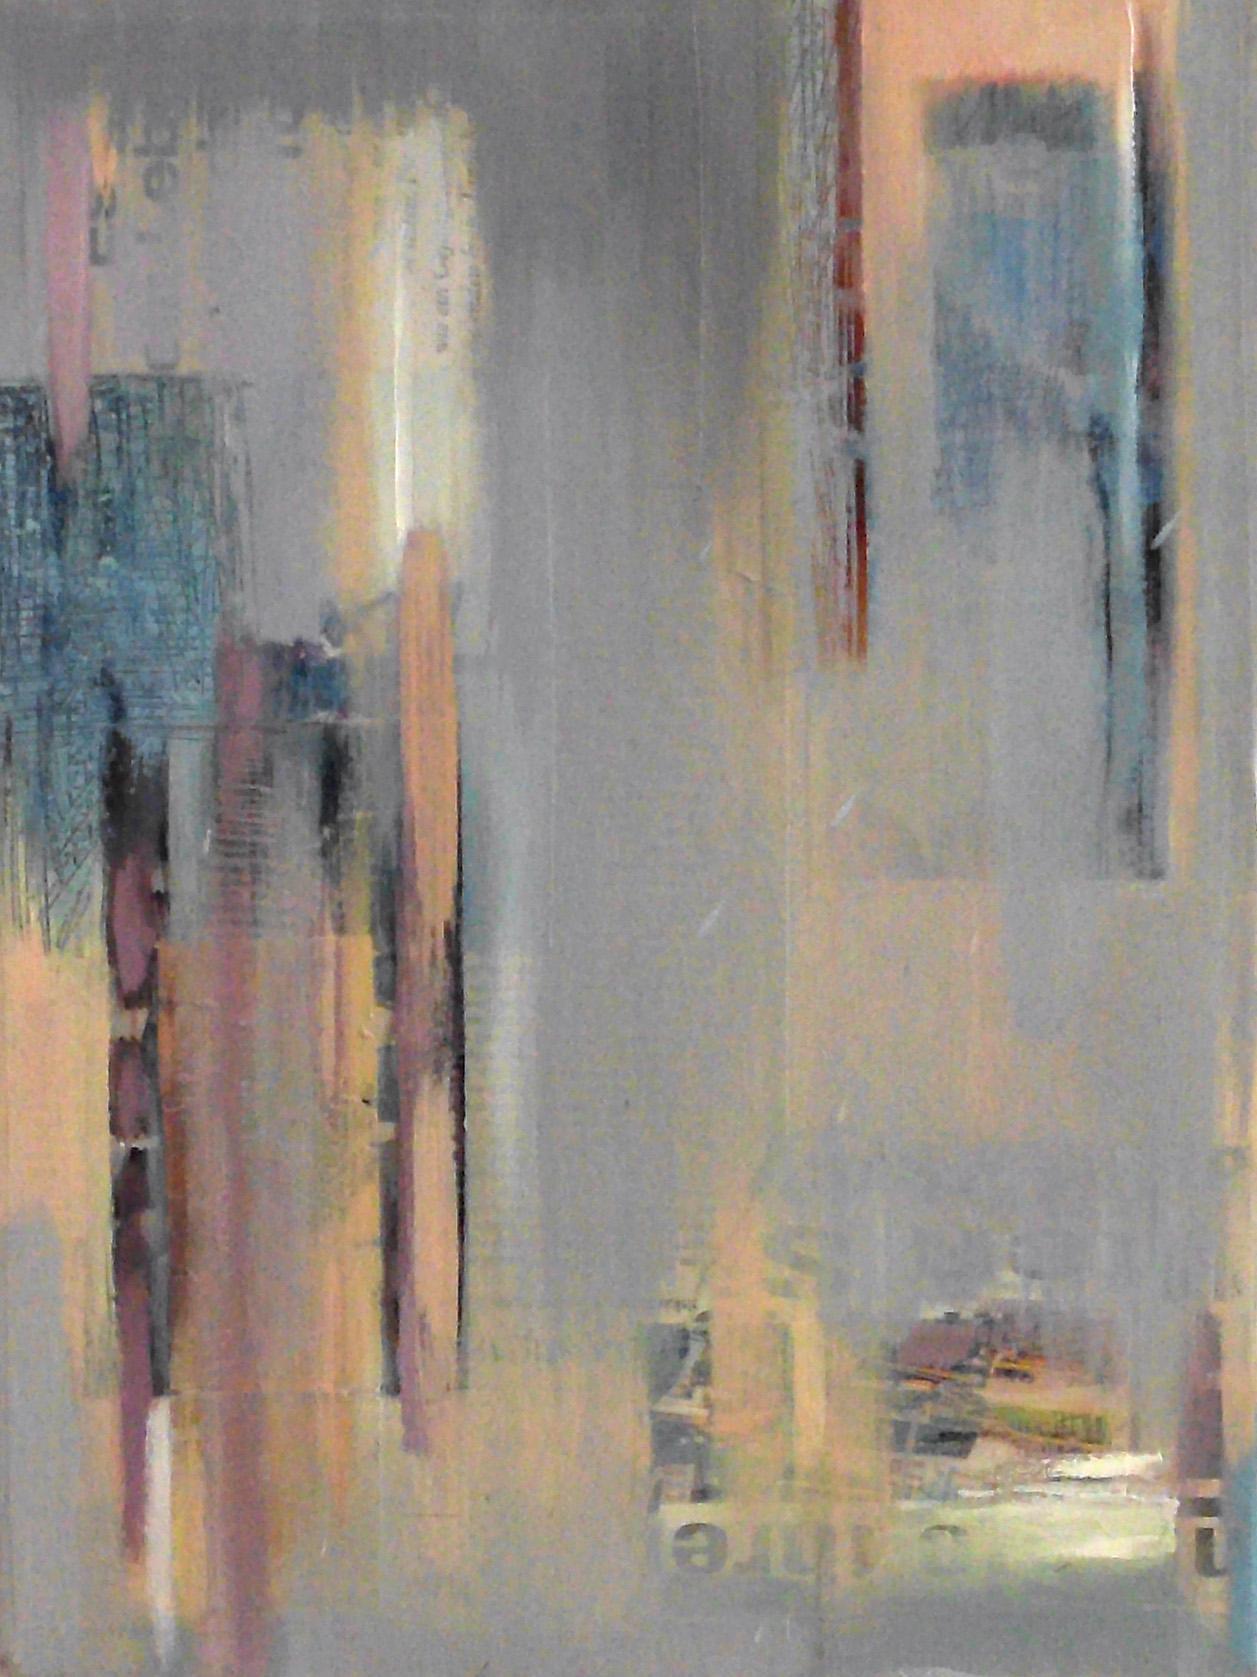 06-steffi_deparade-becker-o.t.-2006-oel,_collage_auf_leinwand-40x30